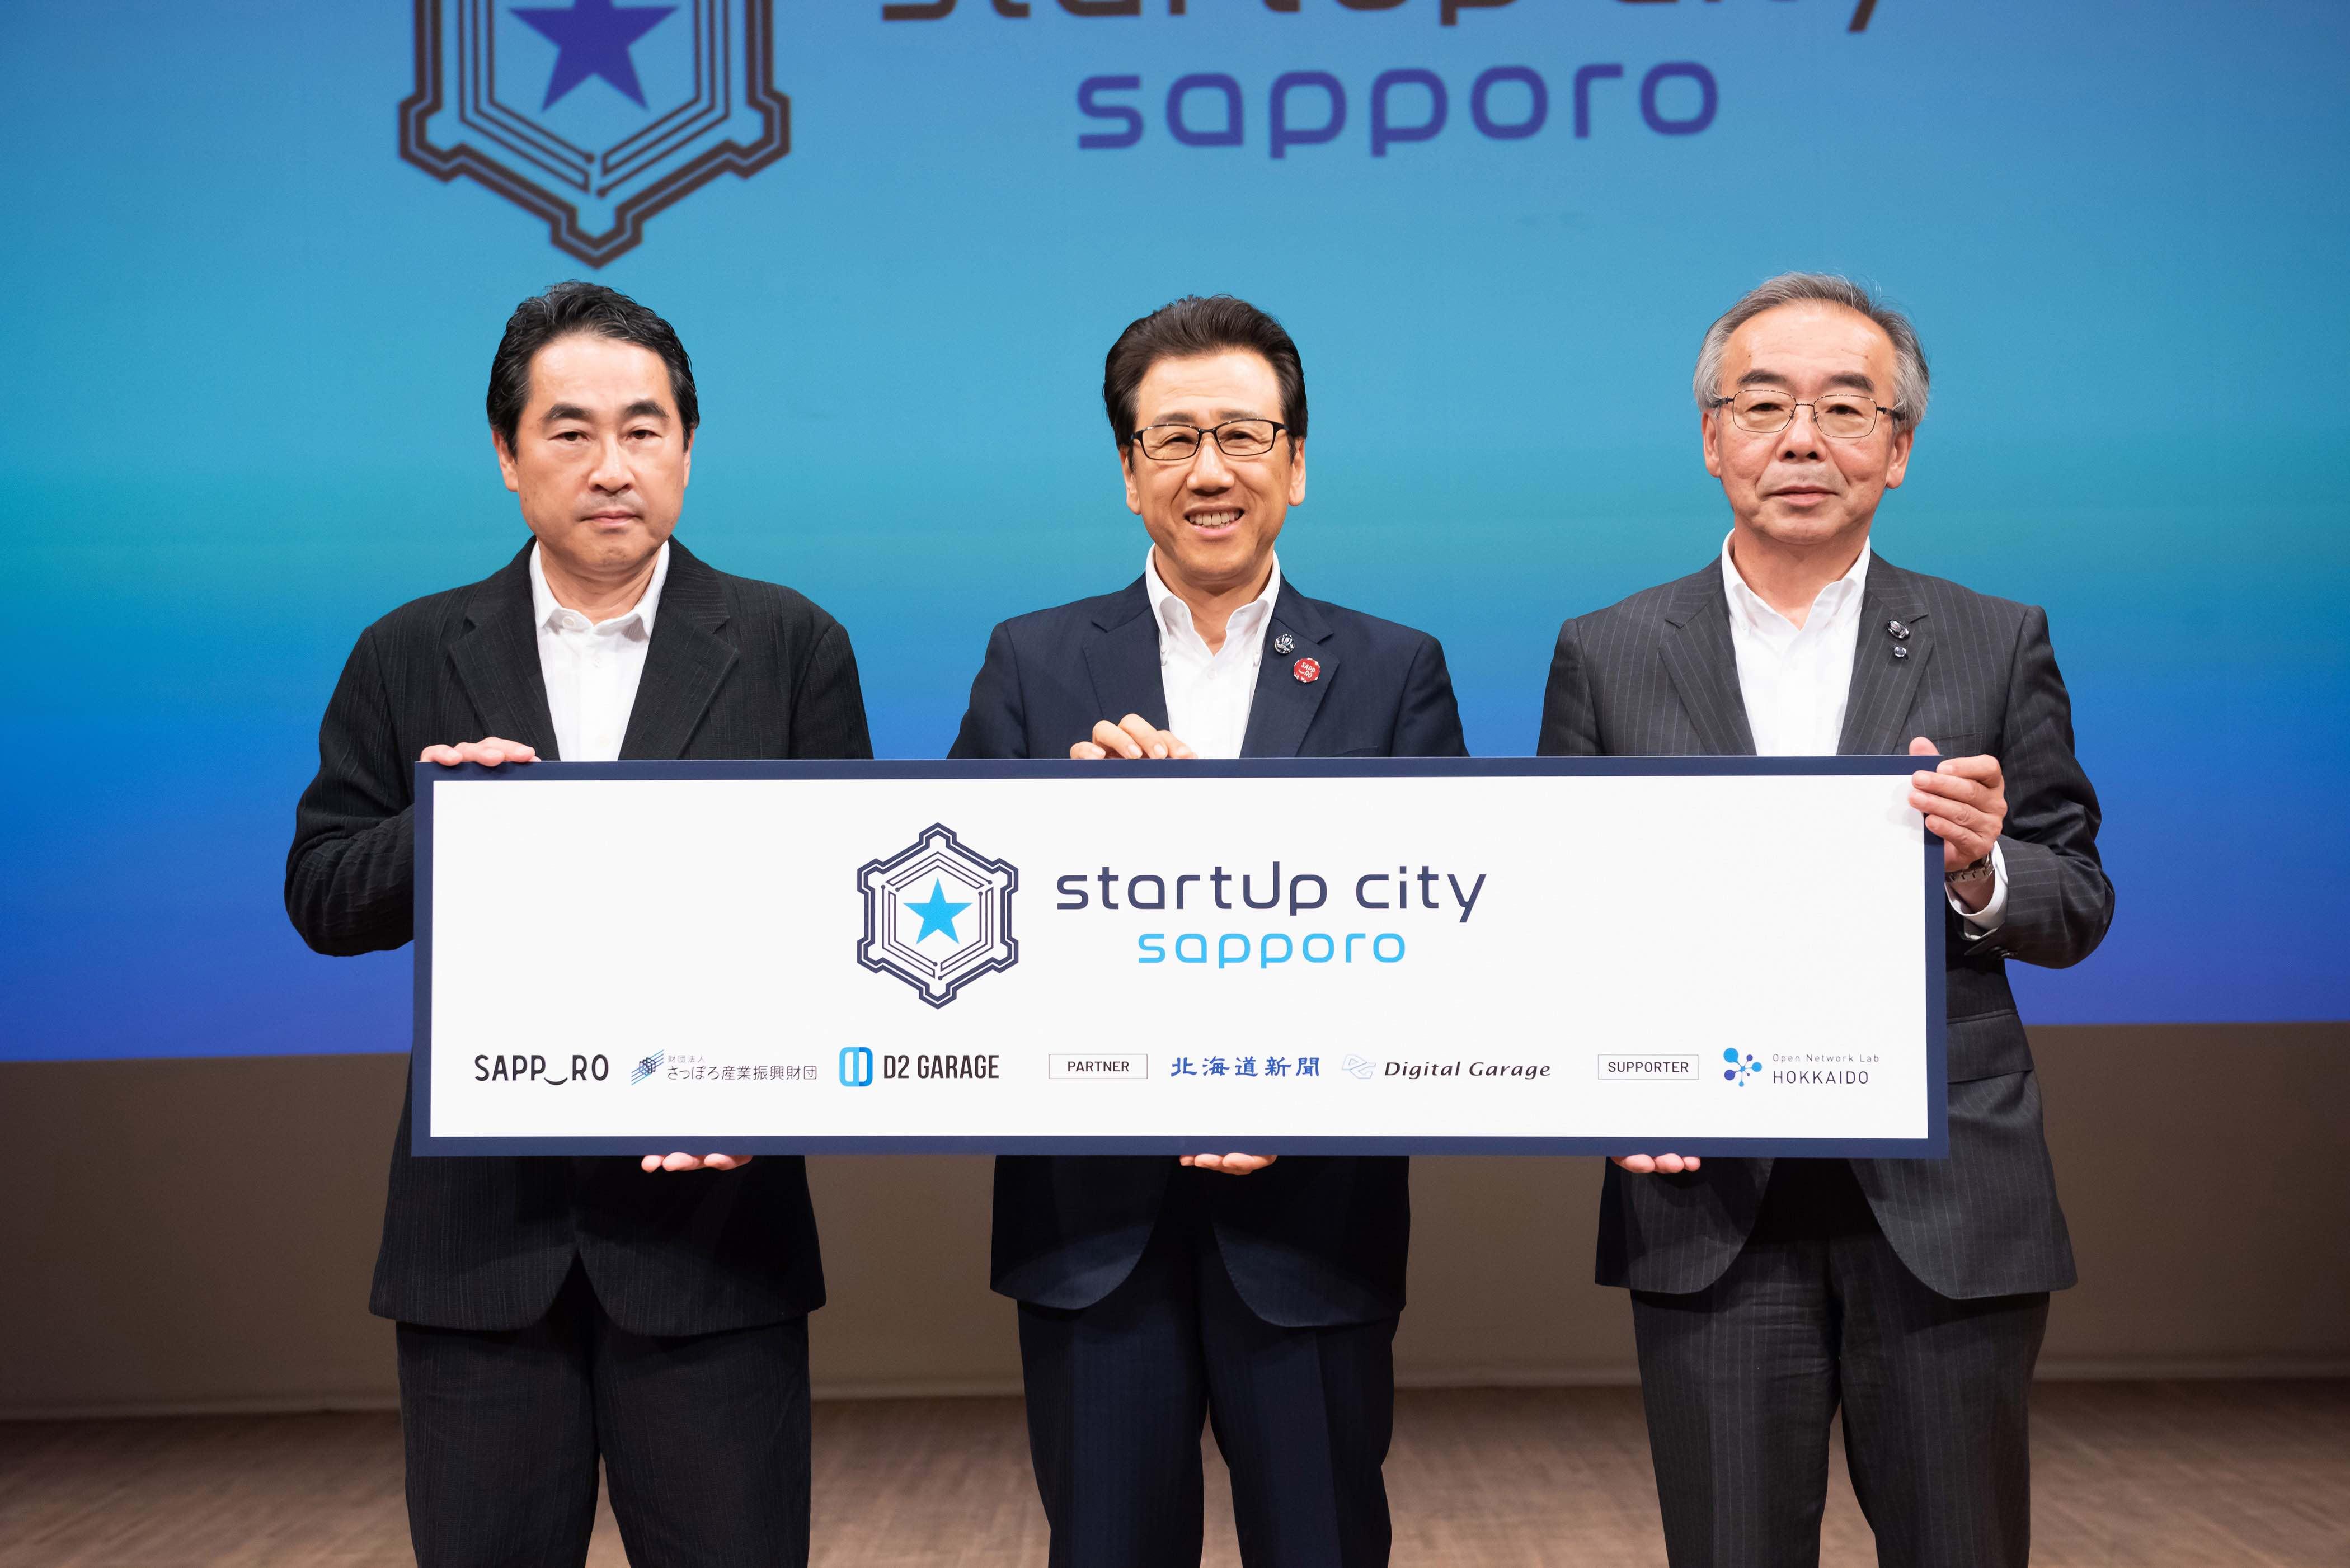 札幌/北海道でのエコシステムの構築・人材育成を目的とした「STARTUP CITY SAPPORO」がスタート